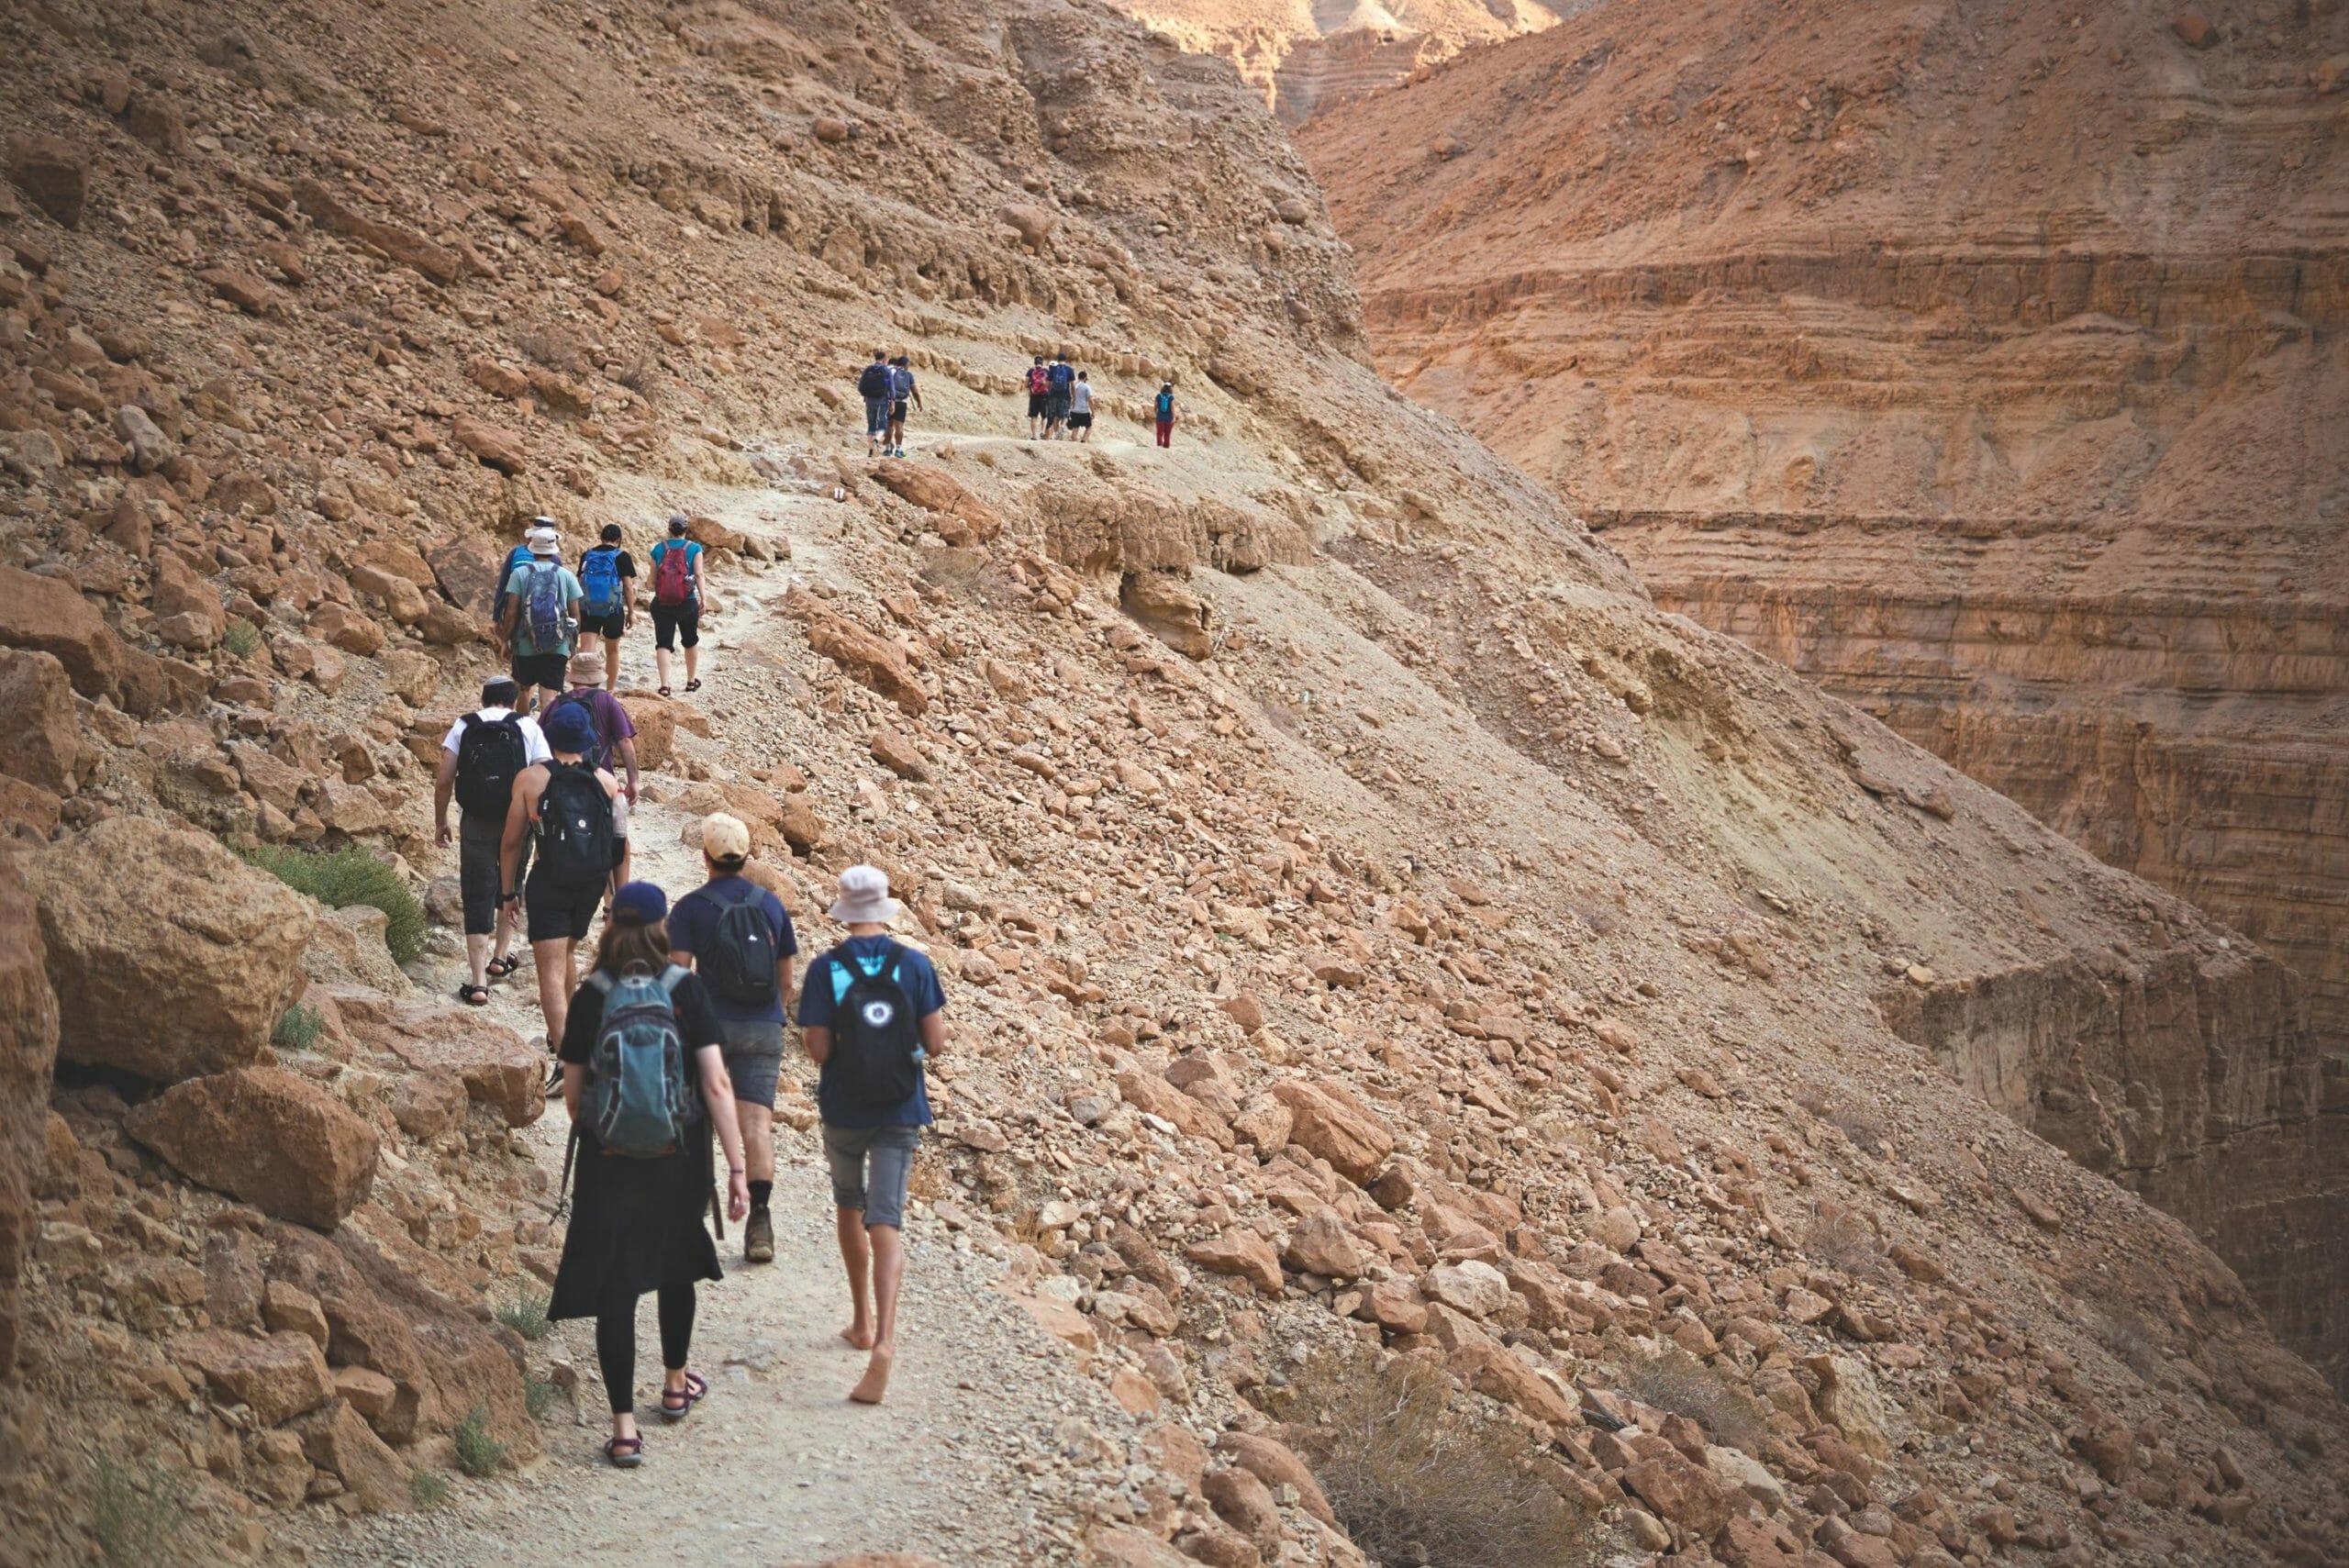 טיול חברת הייטק בריפקם לנחל ערוגות בשמורת עין גדי, צילום: יוסי אביטל